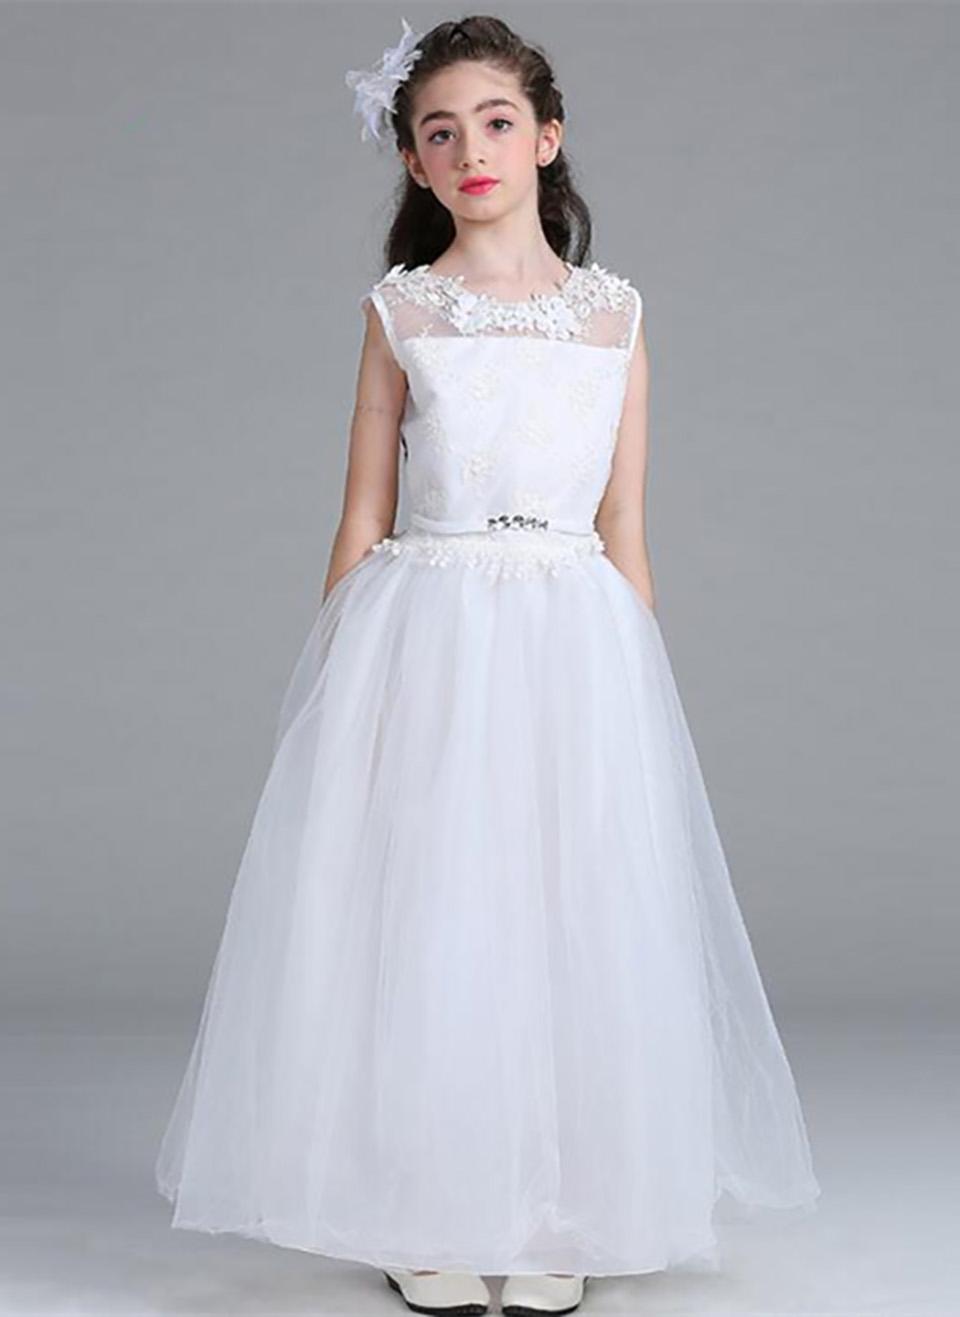 blumen-mädchen-kleid für weddin partei weiße elegante  spitze-tulle-mädchen-formale kleid erstkommunion kleider für jugendliche